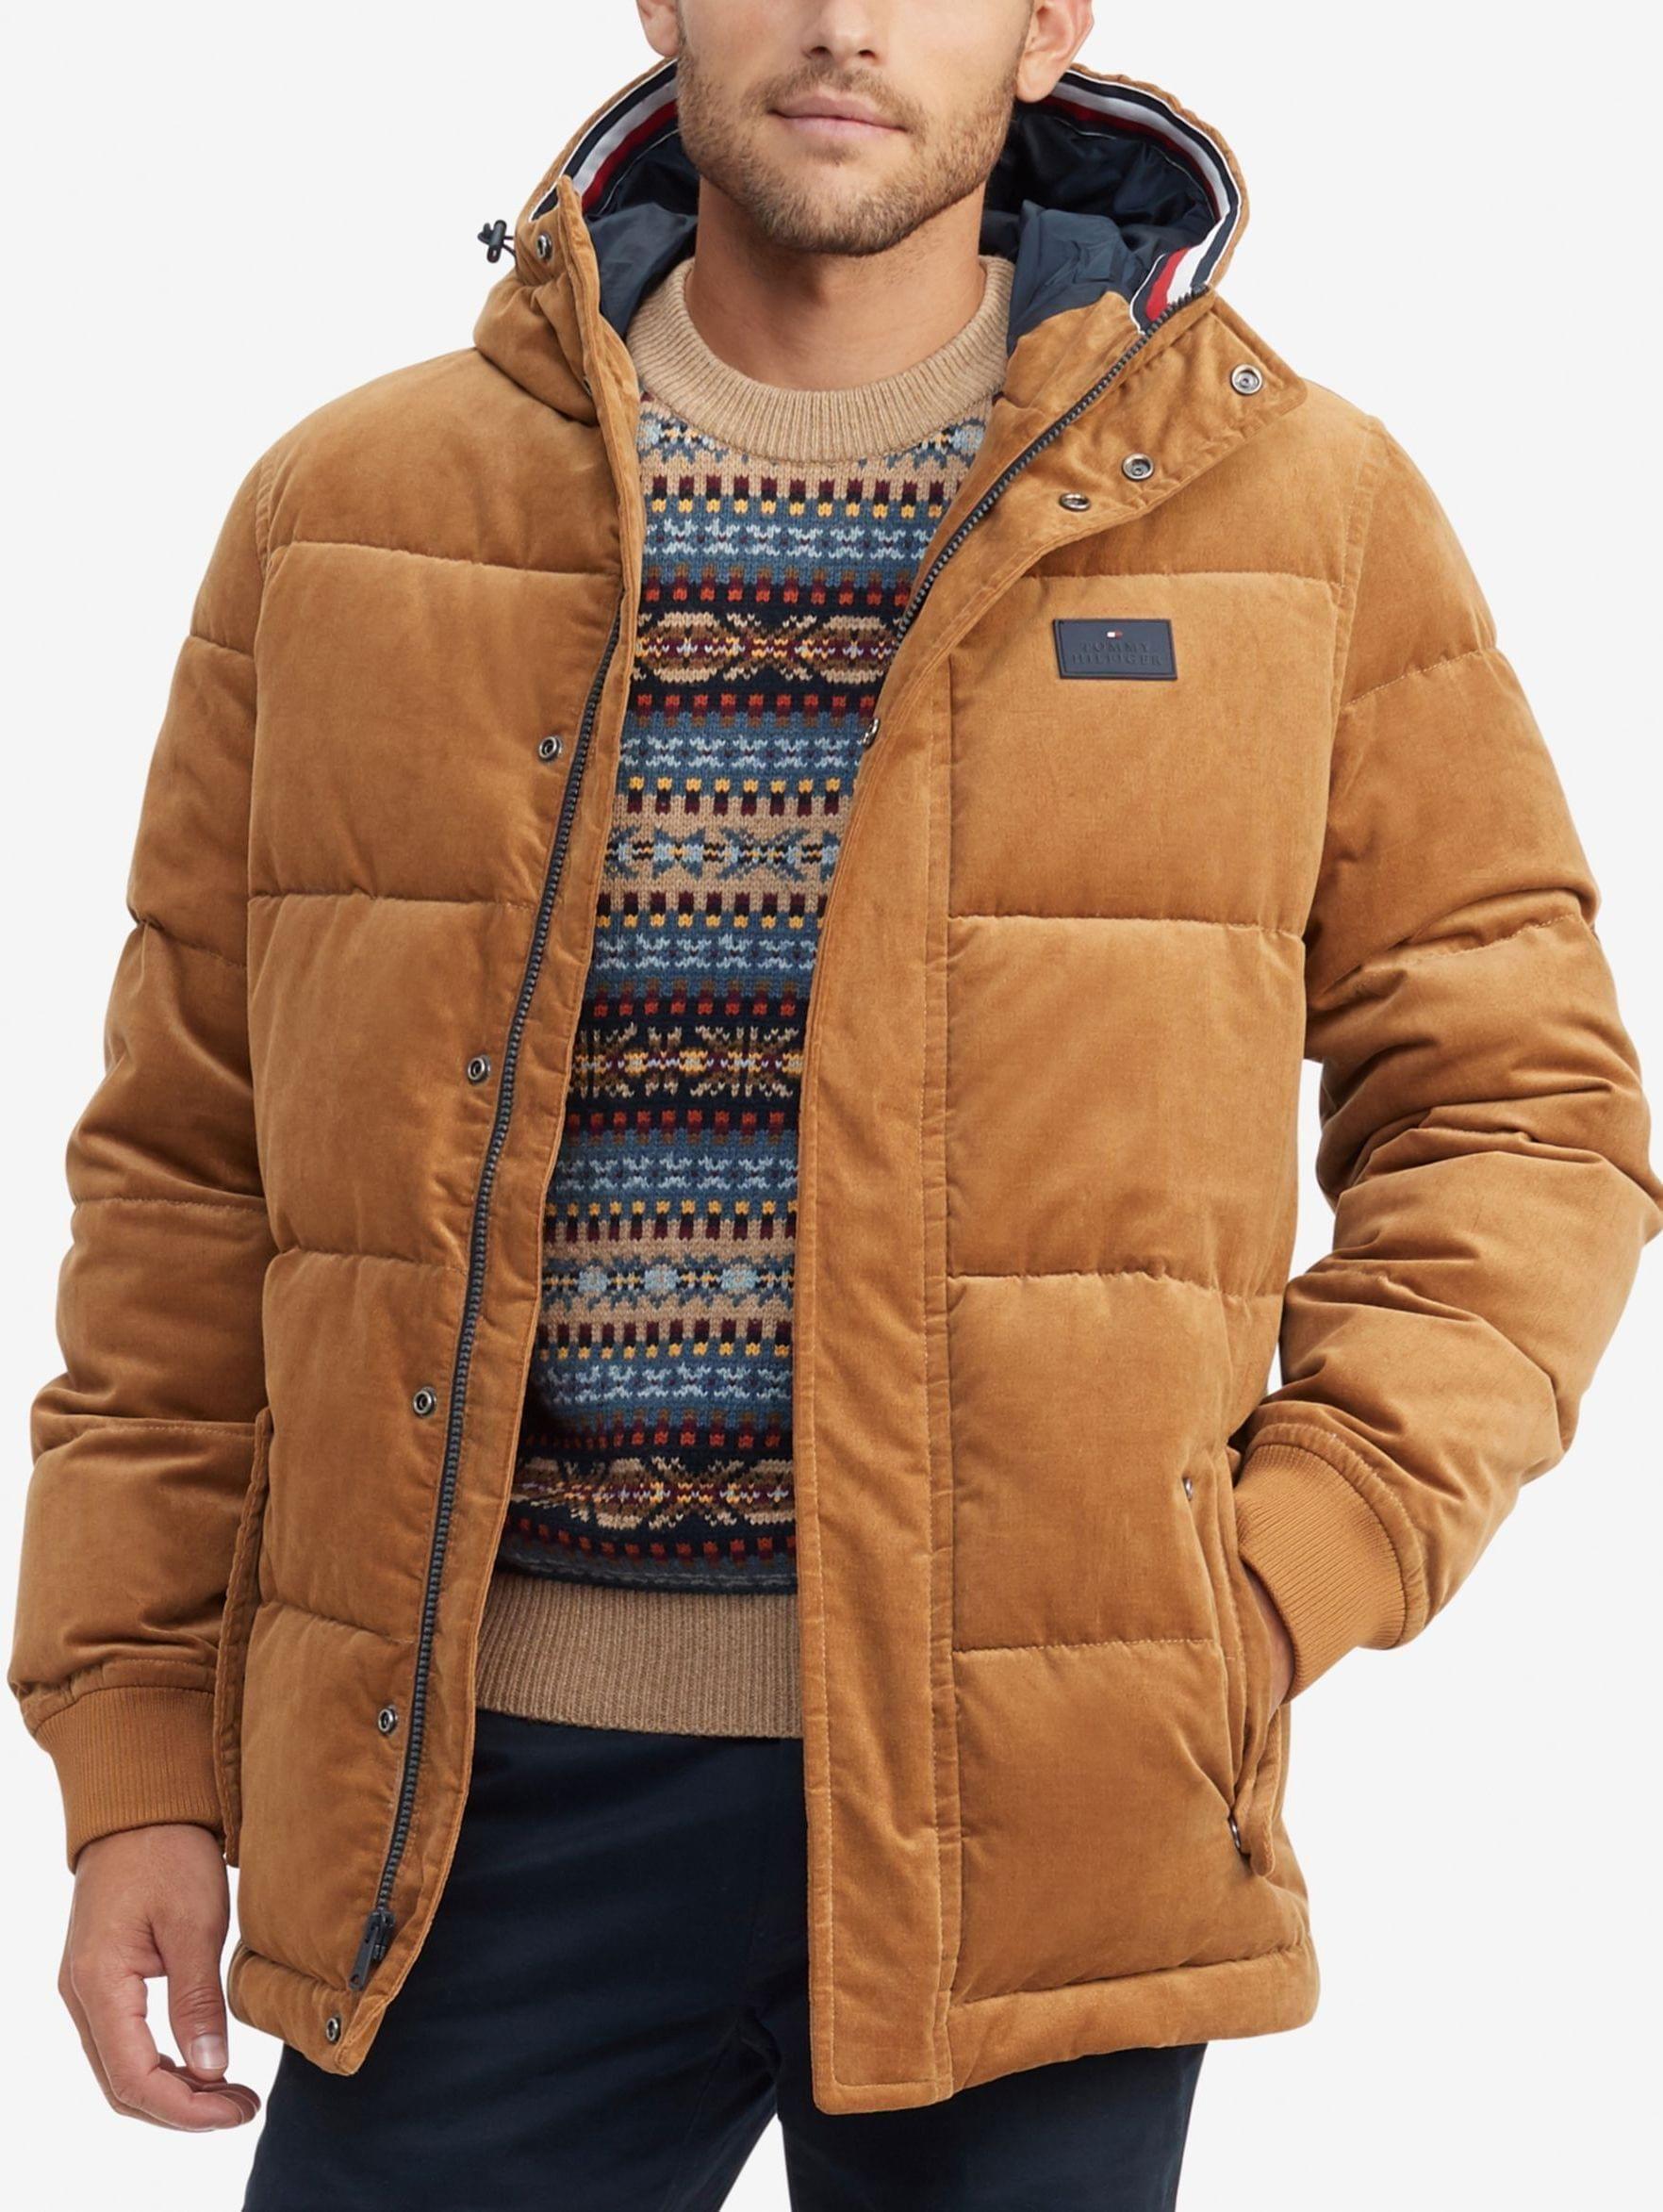 Vance Hooded Corduroy Puffer Jacket 249 Corduroy Puffer Jacket Jackets Puffer Jackets [ 2346 x 1764 Pixel ]